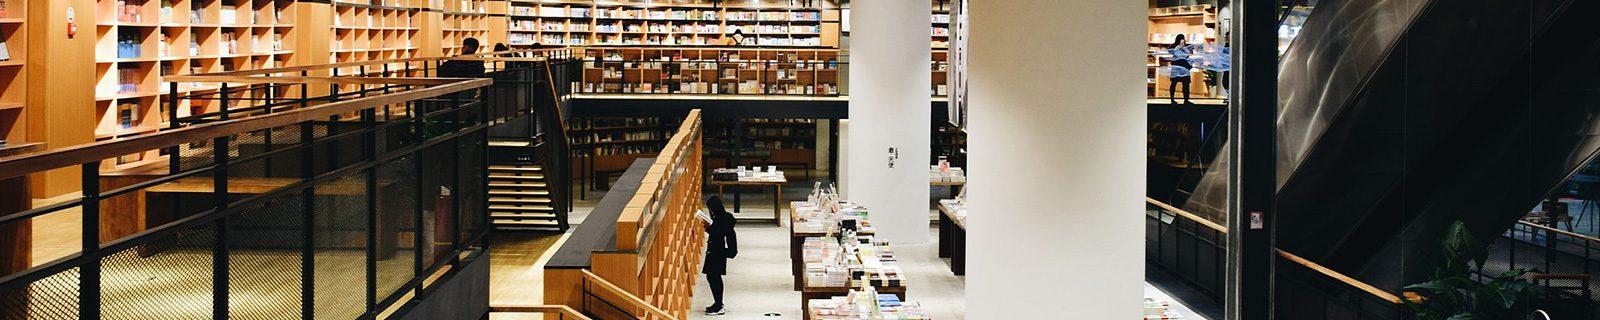 Hintergrundbild Bibliothek – Fachbereich Betriebswirtschaftslehre BWL